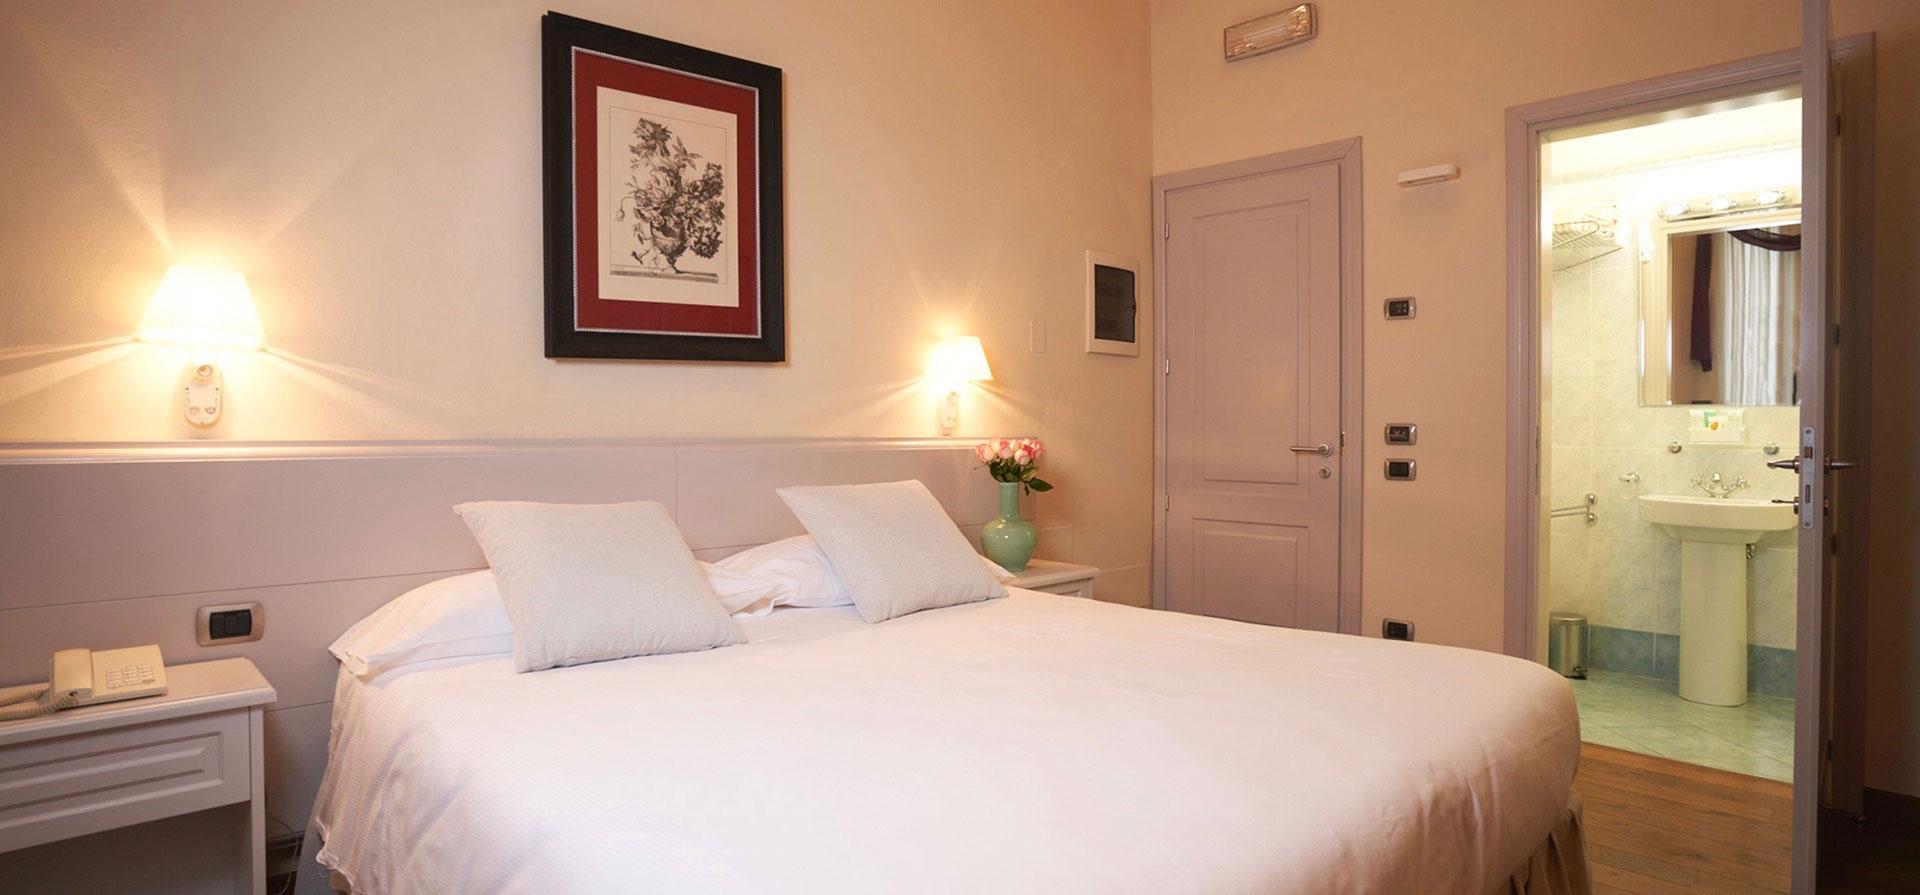 Double Room BnB - La Signoria di Firenze